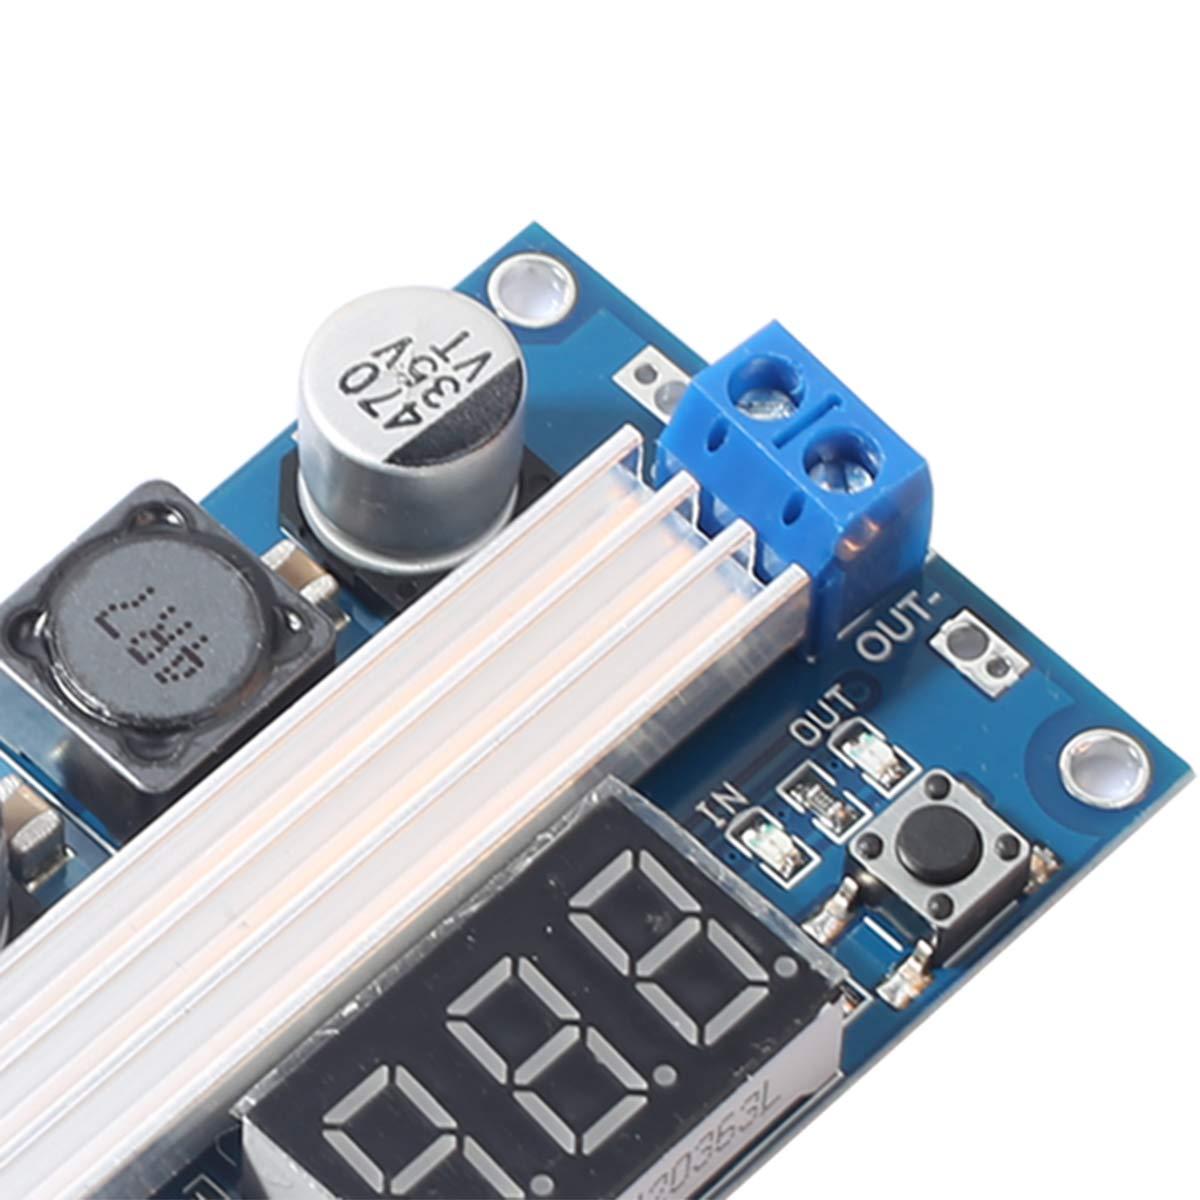 uxcell 1//4 Watt 620 Ohm Carbon Film Resistors 5/% Tolerances 0.25W 100pcs 4 Color Band a18060100ux0146